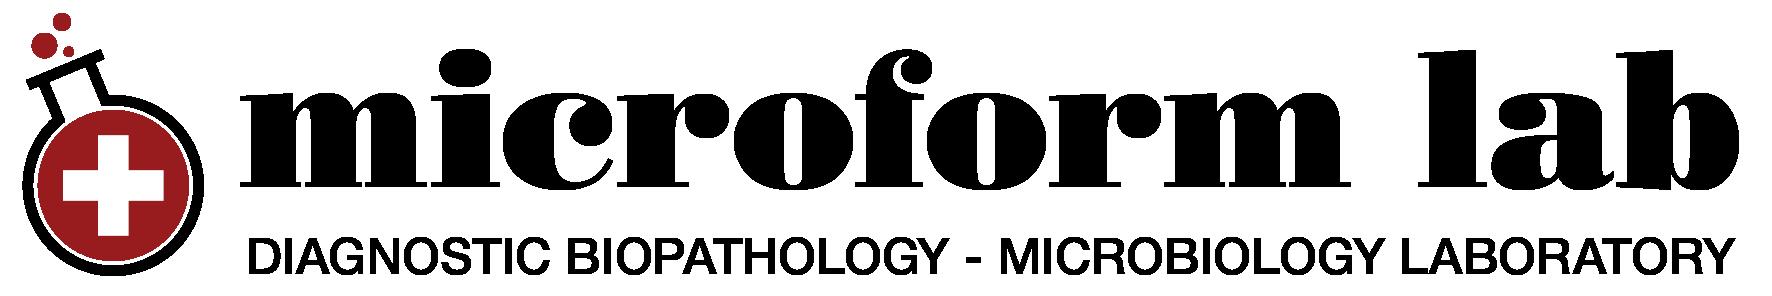 Μικροβιολογικό Εργαστήριο  ΚΑΛΑΜΠΑΛΙΚΗ ΑΙΚΑΤΕΡΙΝΗ